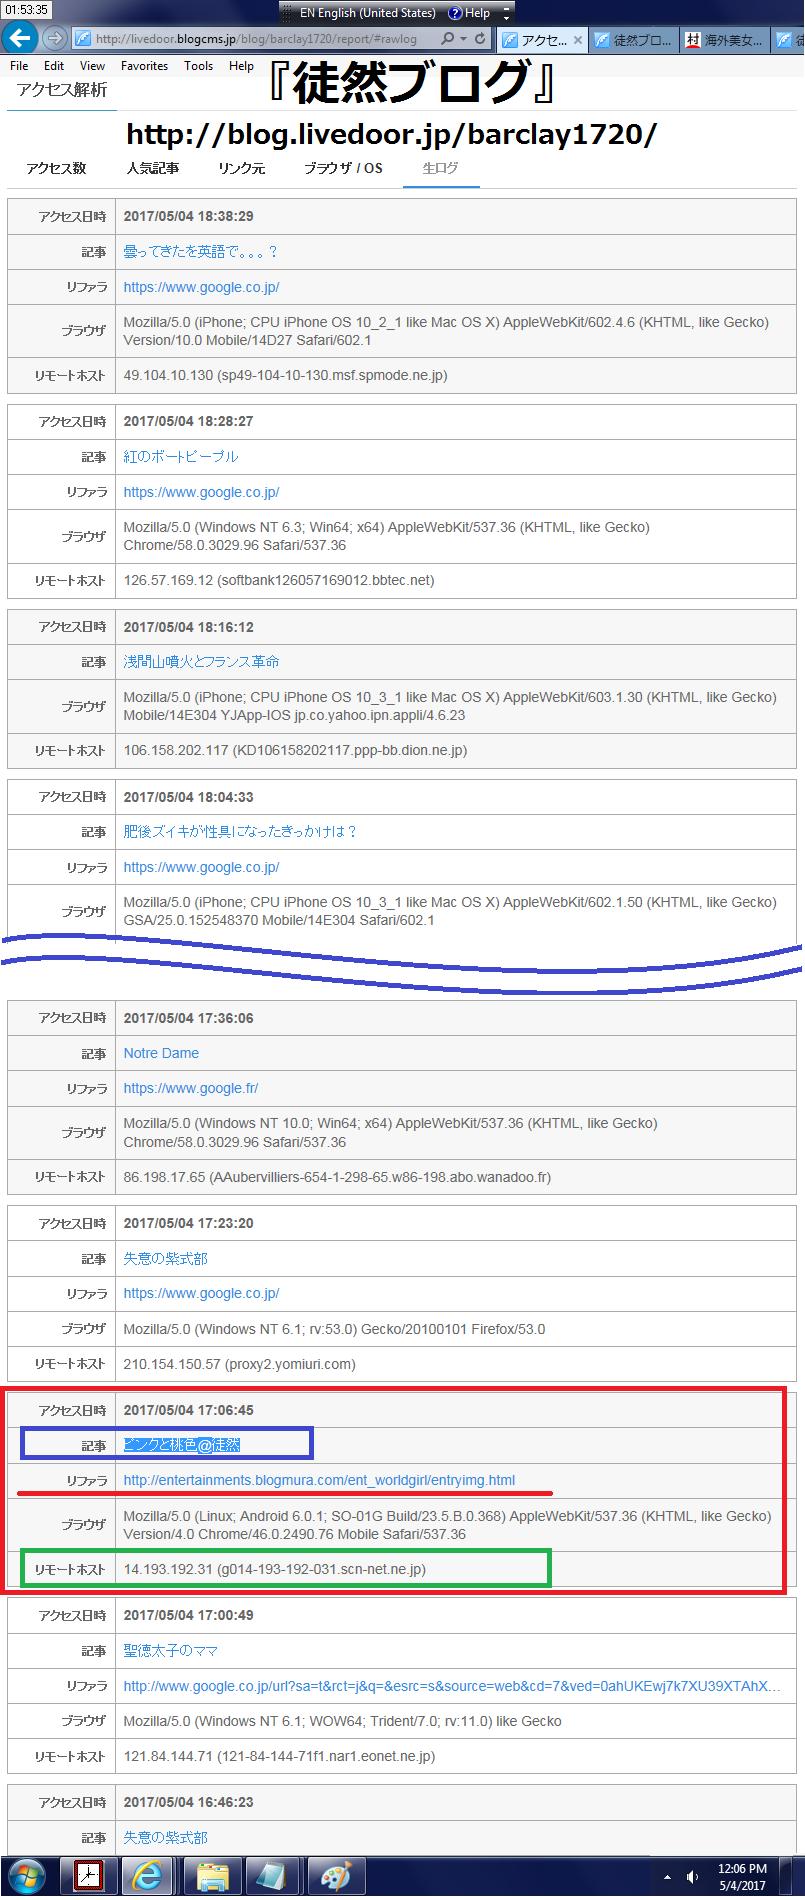 ライブドア『徒然ブログ』の日本時間で2017年5月4日の午後4時46分から午後6時38分までの約2時間の「生ログ」の一部